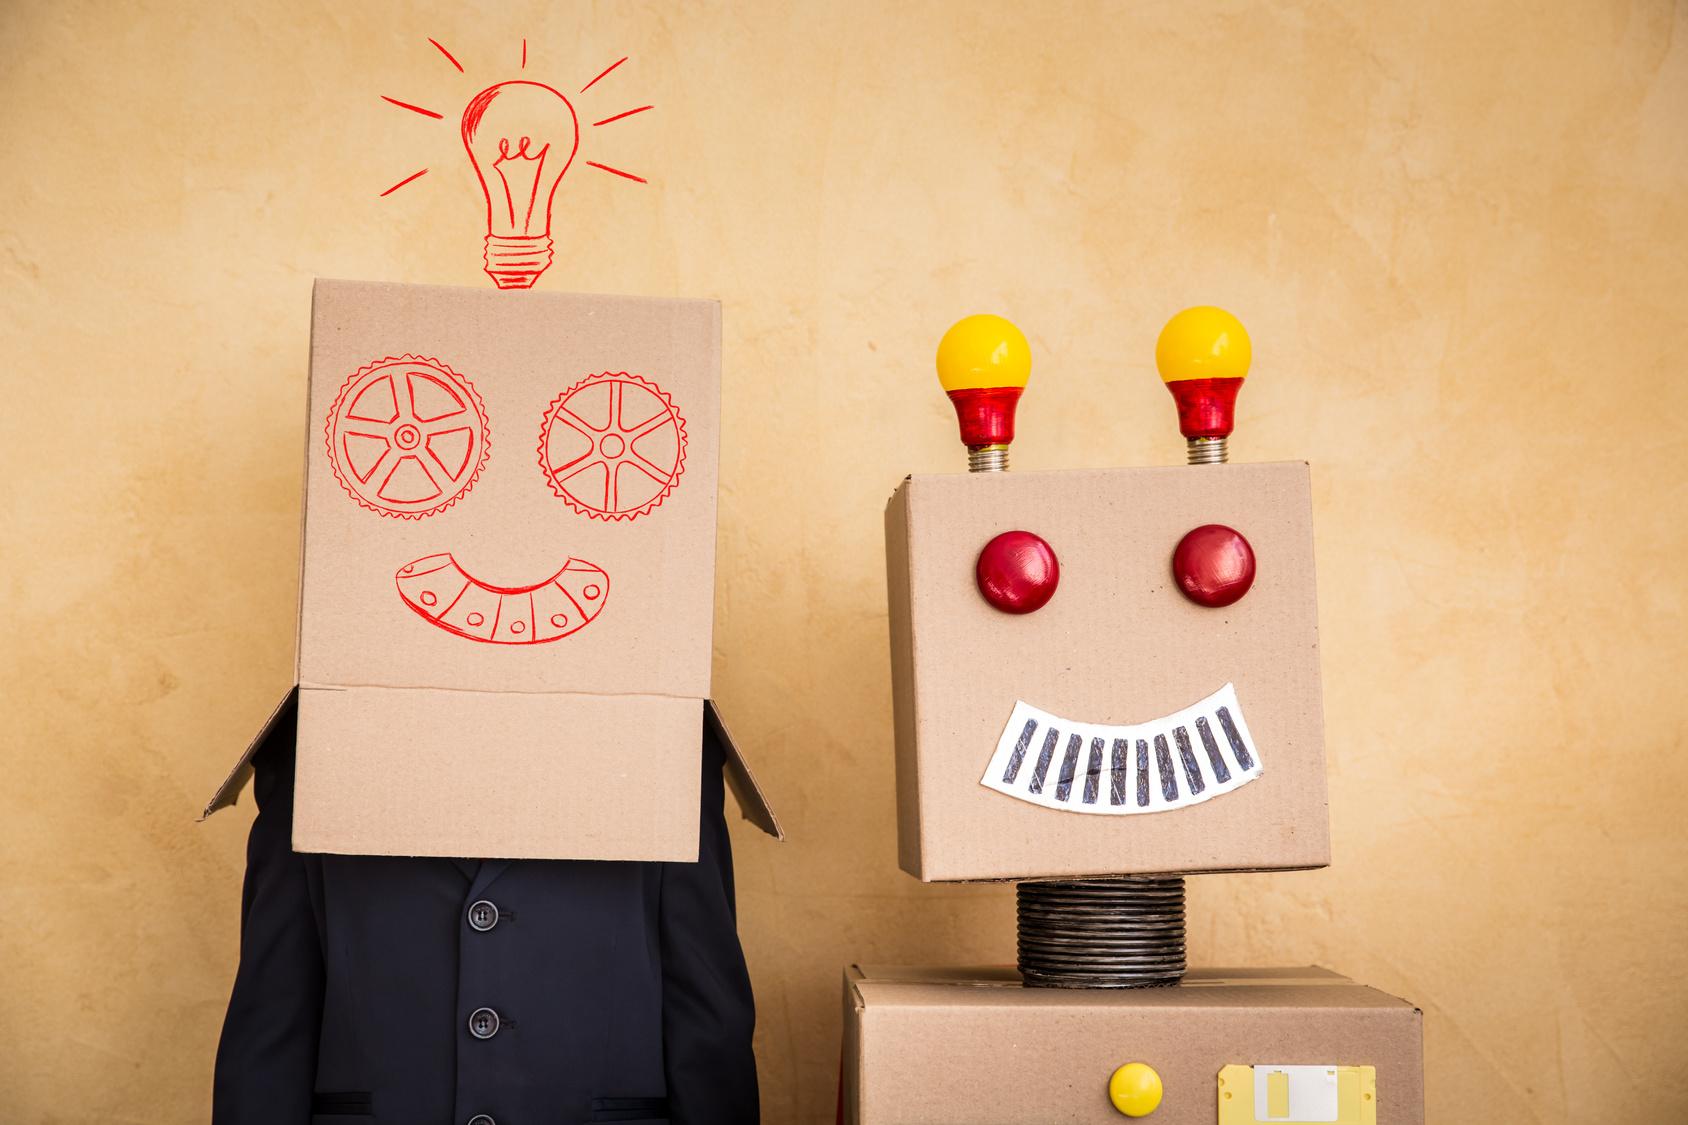 Smart toys: i suggerimenti del Garante per giochi a prova di privacy